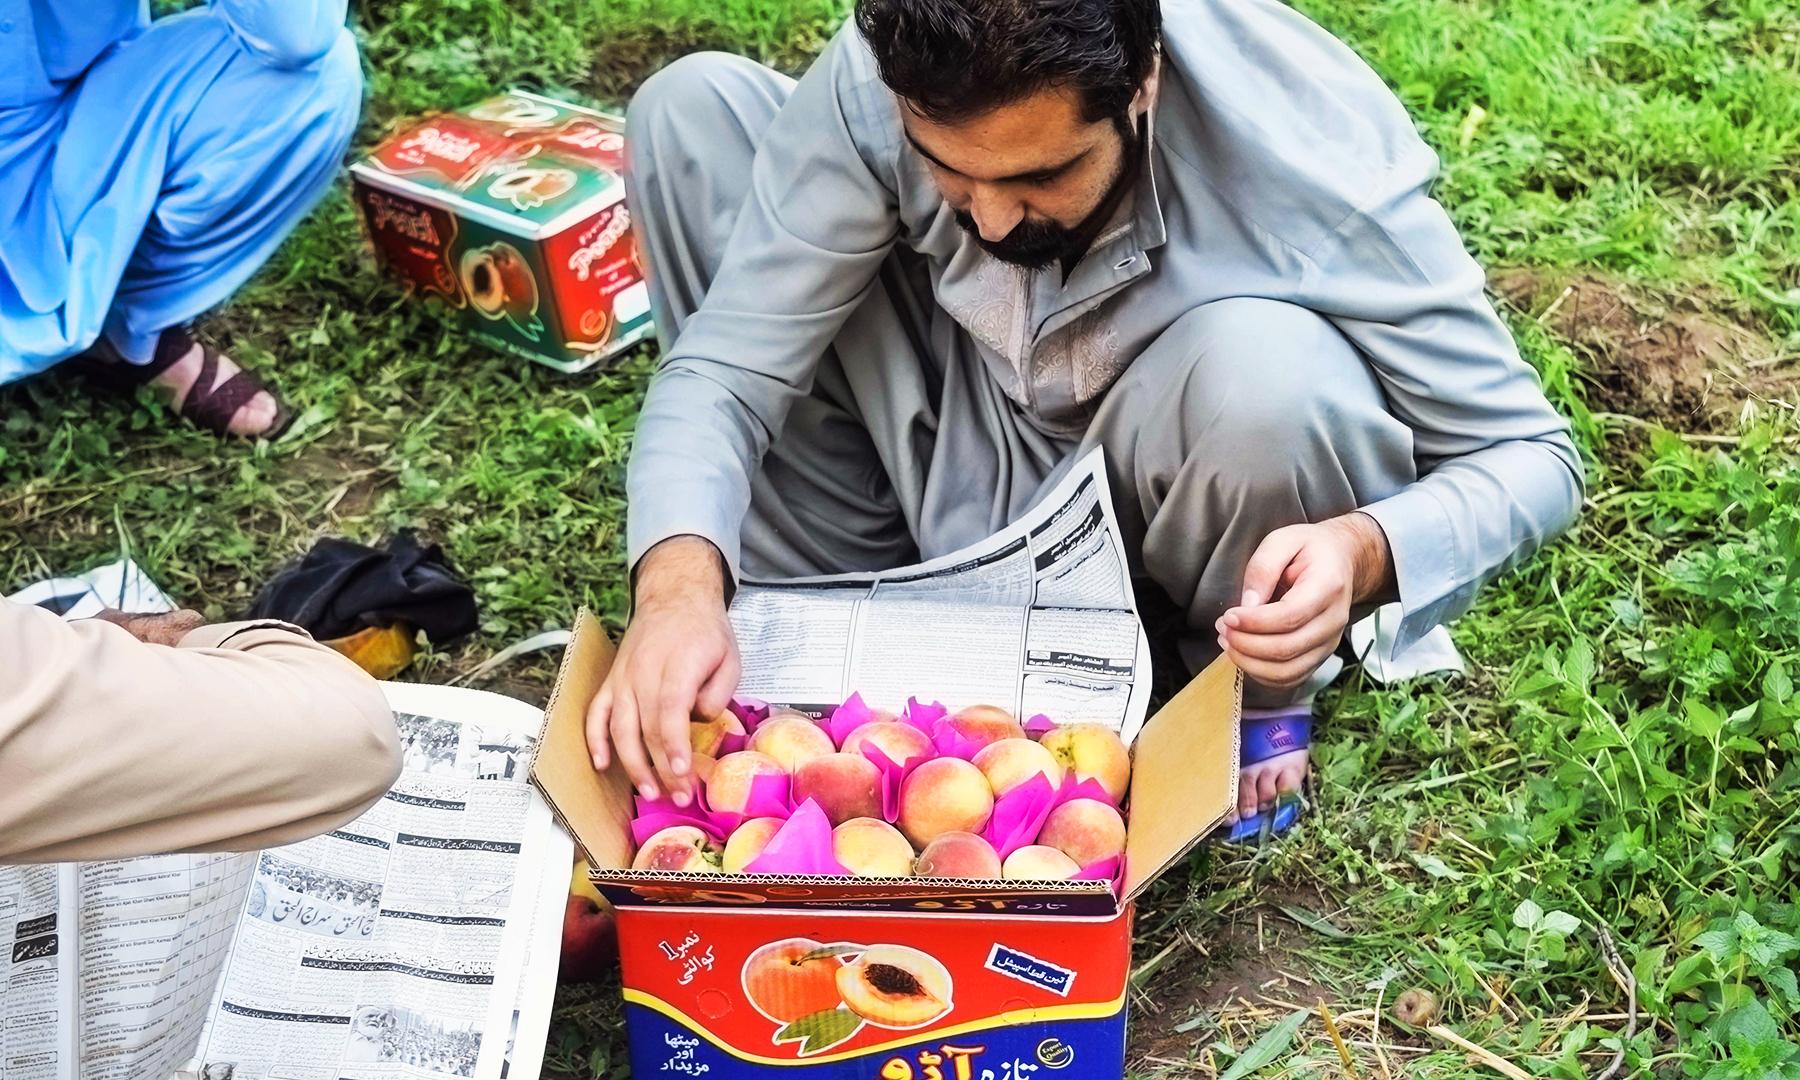 تیاری کے بعد چھوٹی چھوٹی رنگ برنگی جھنڈیوں سے کریٹ کو سجایا جاتا ہے— تصویر امجد علی سحاب